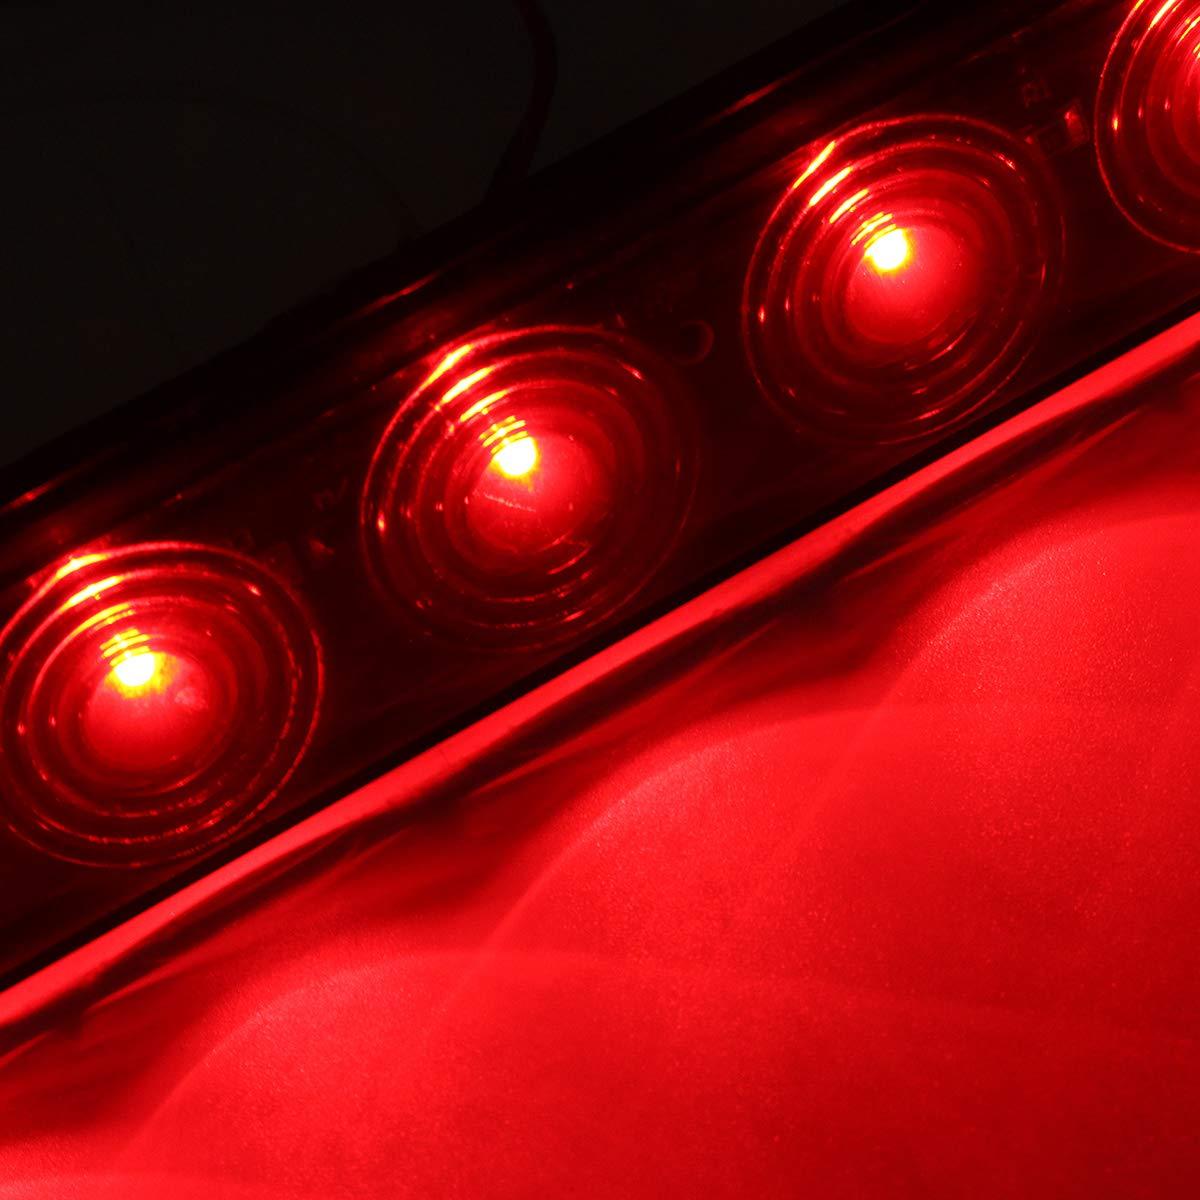 HEHEMM 11 LED Strip Lamp Truck Trailer Tractor Light Bar Stop Turn Tail Brake Light 12V Red